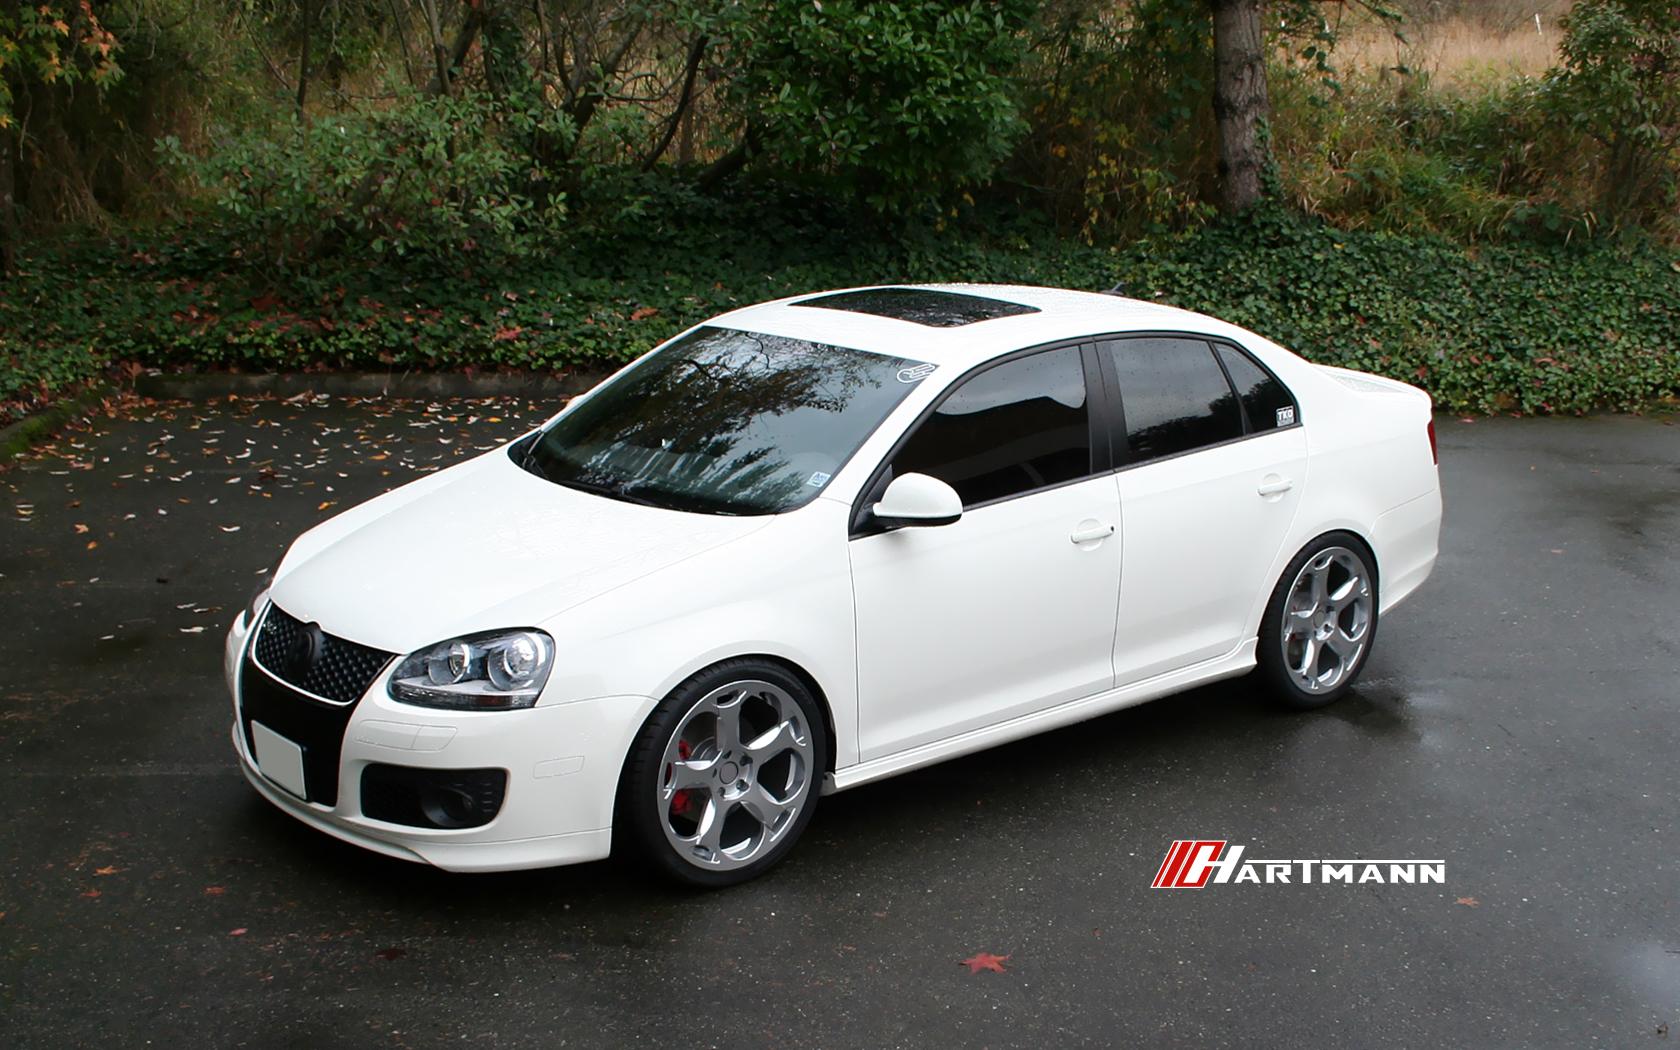 Volkswagen mkv jetta hartmann wheels g5 gs 19 le1 hwm